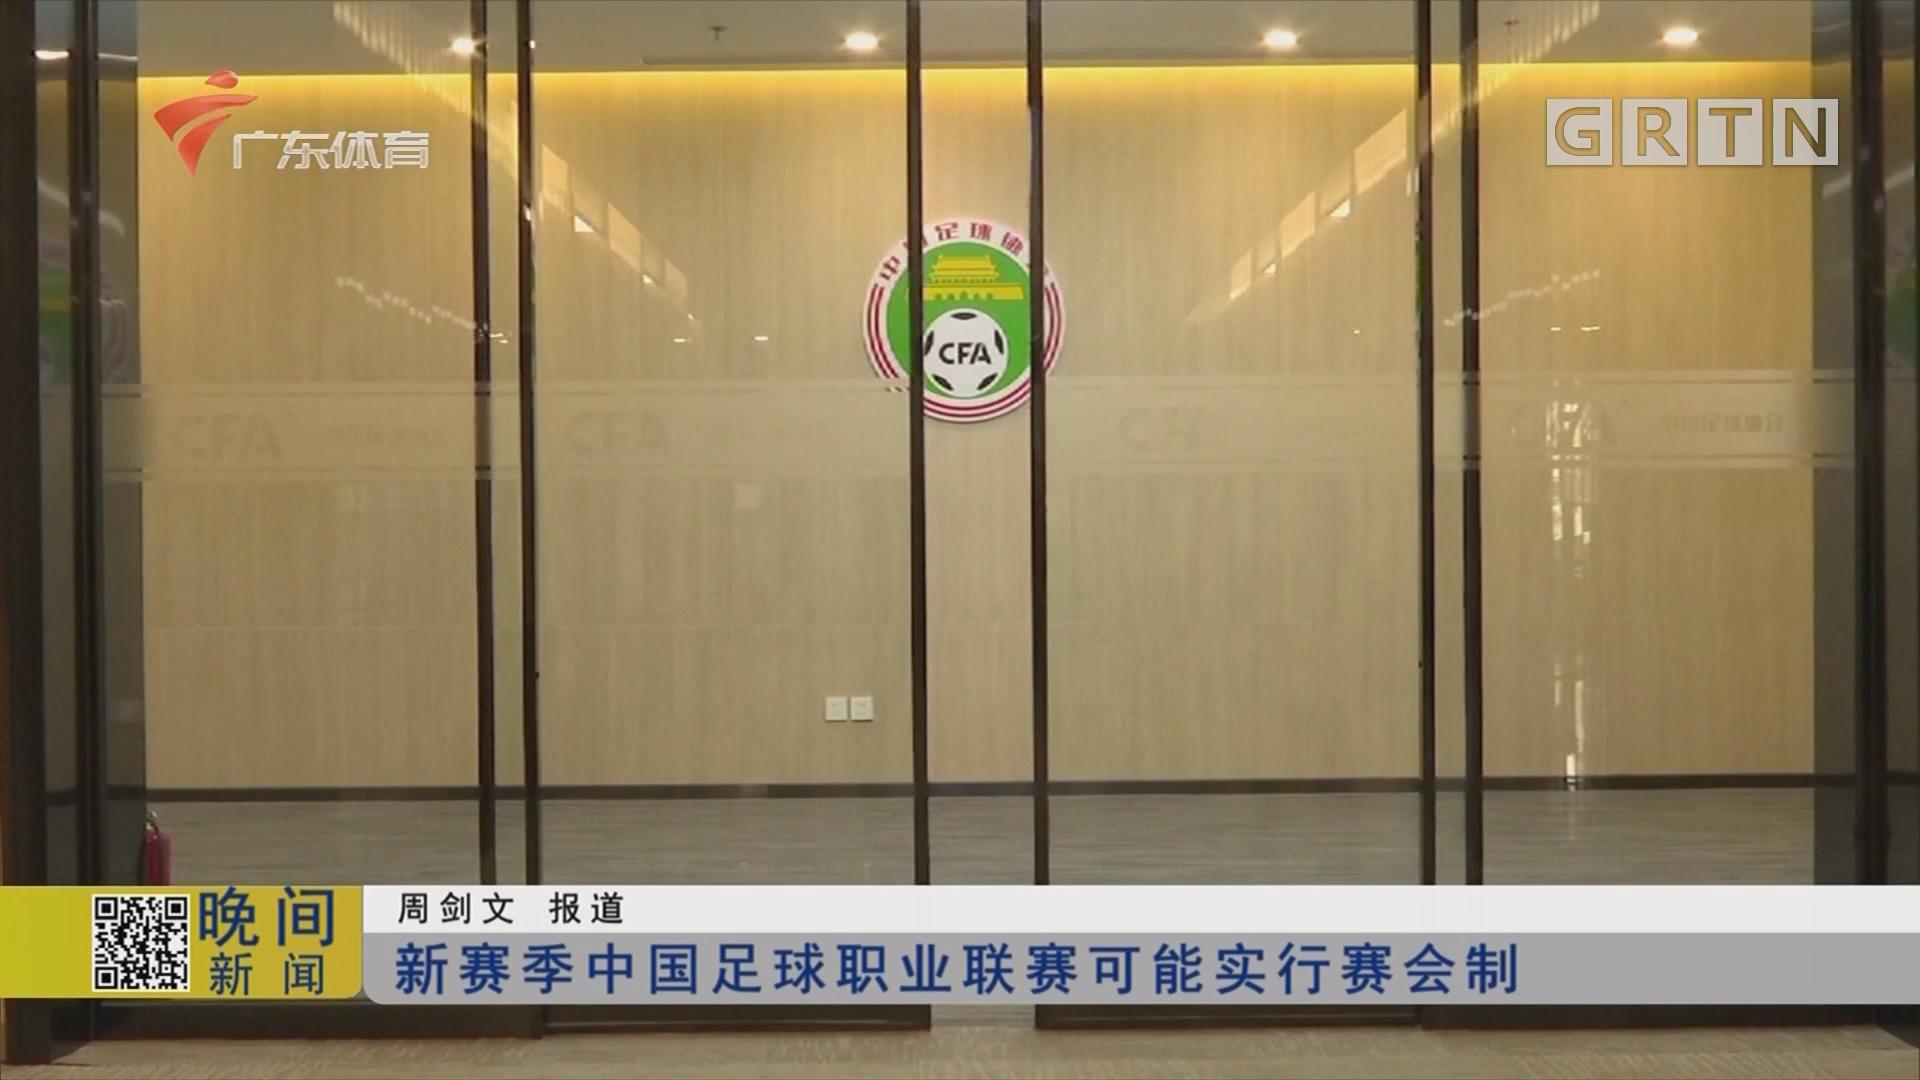 新賽季中國足球職業聯賽可能實行賽會制